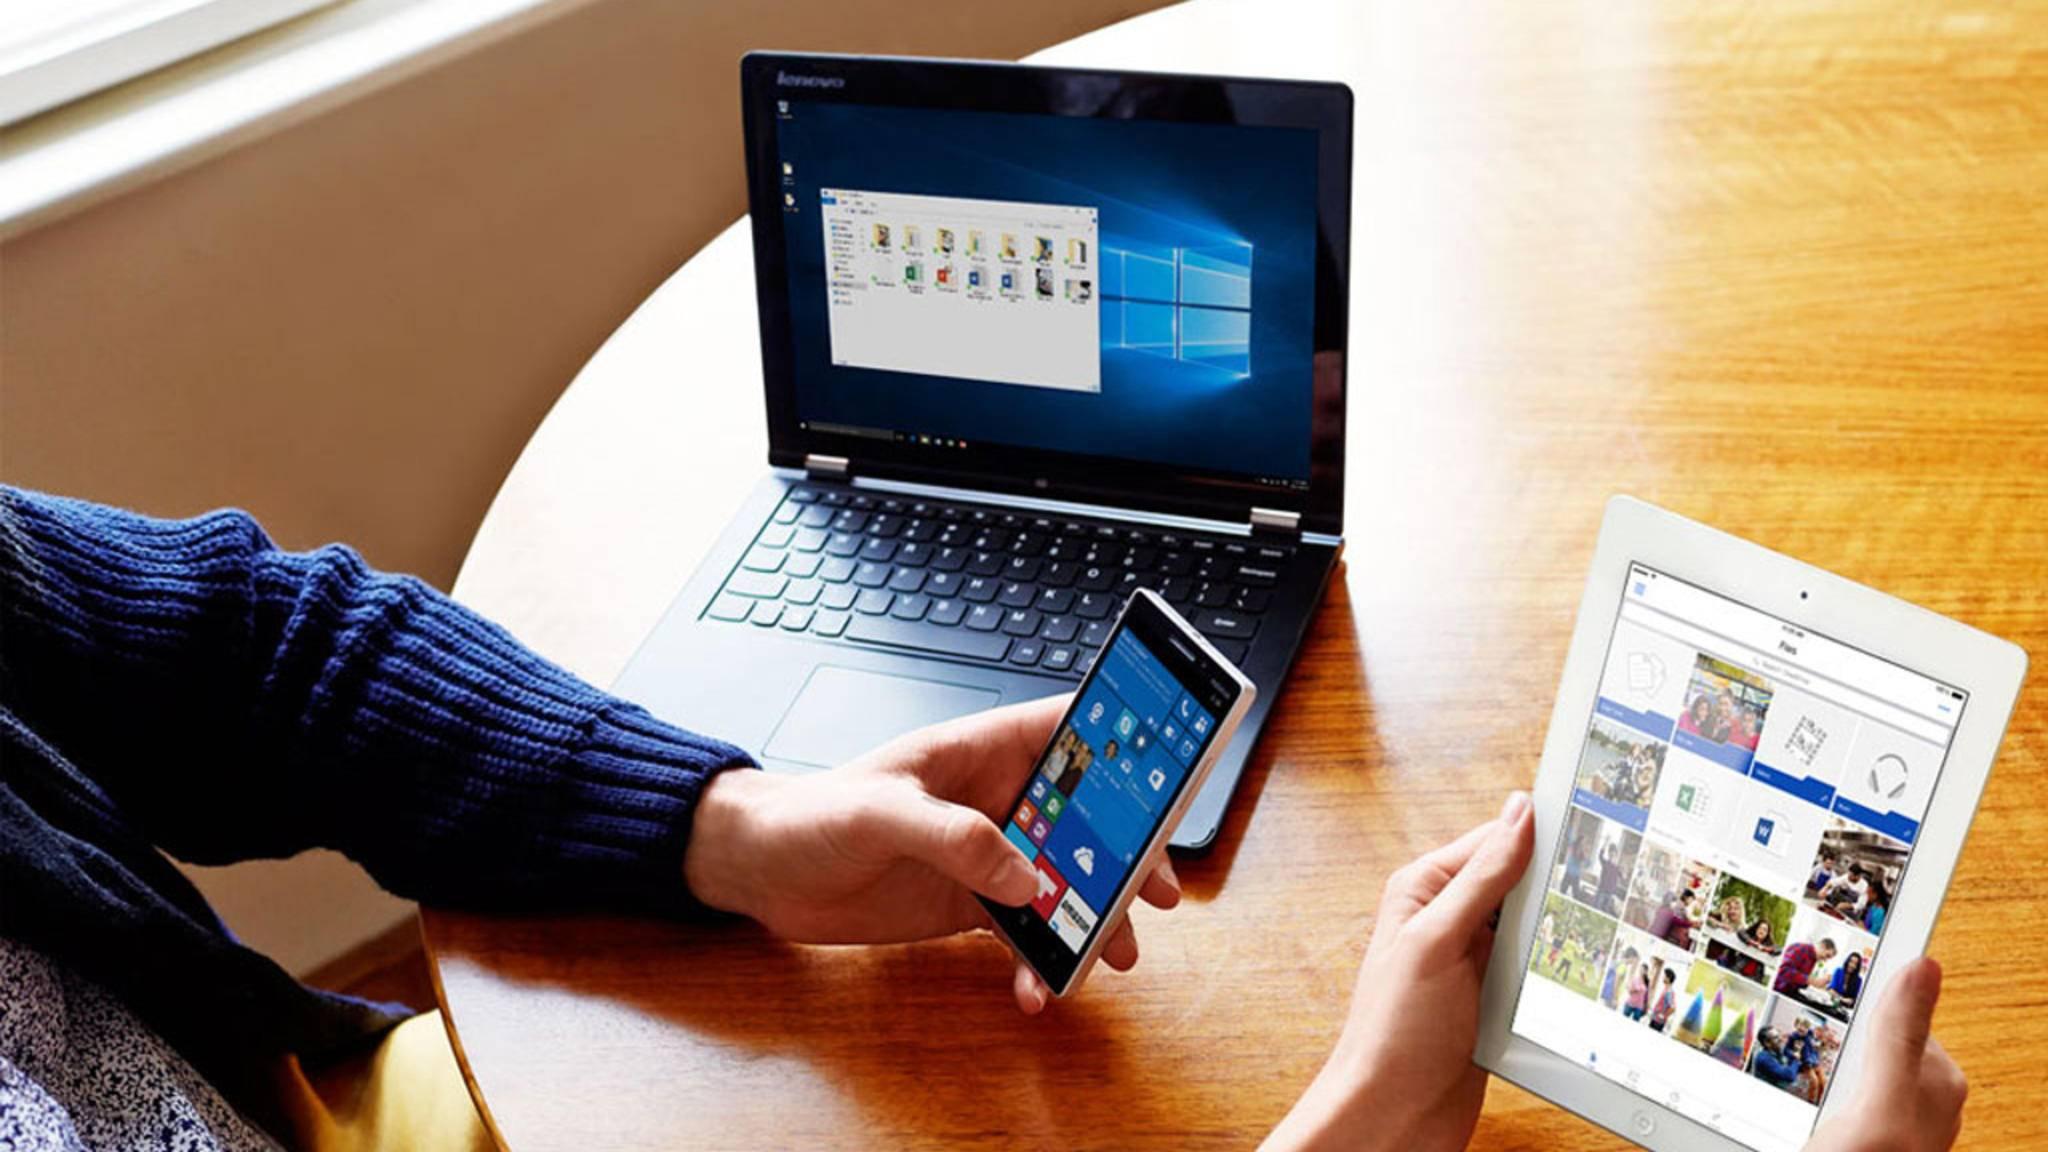 Wir verraten Dir, wie das Synchronisieren von Daten über OneDrive unter Windows 10 klappt.